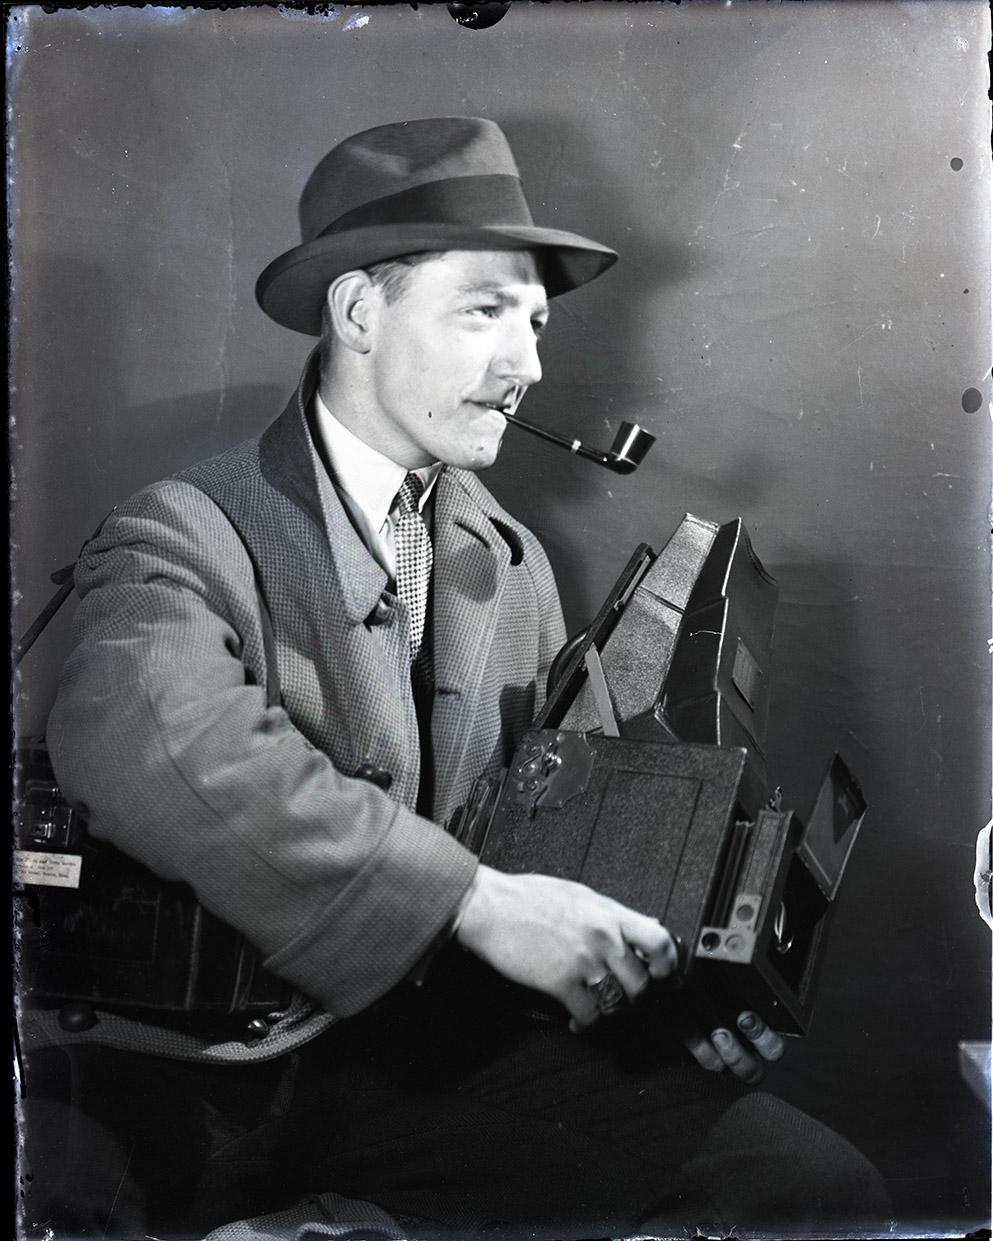 Jack Dixon and camera